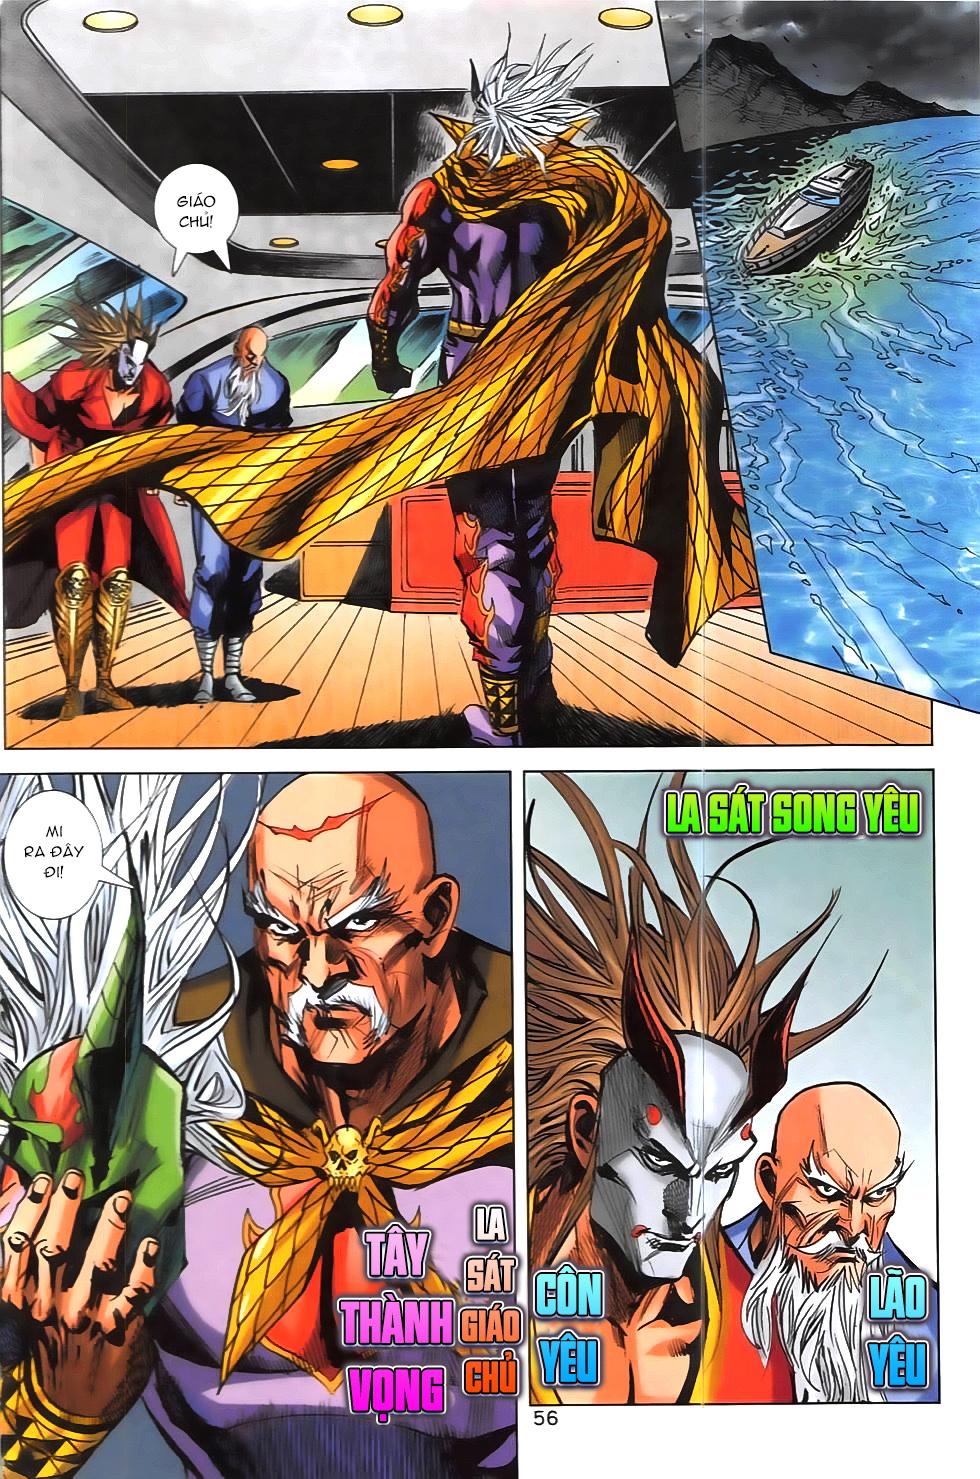 Hoàng Giả Chi Lộ chap 12.2 Trang 28 - Mangak.info